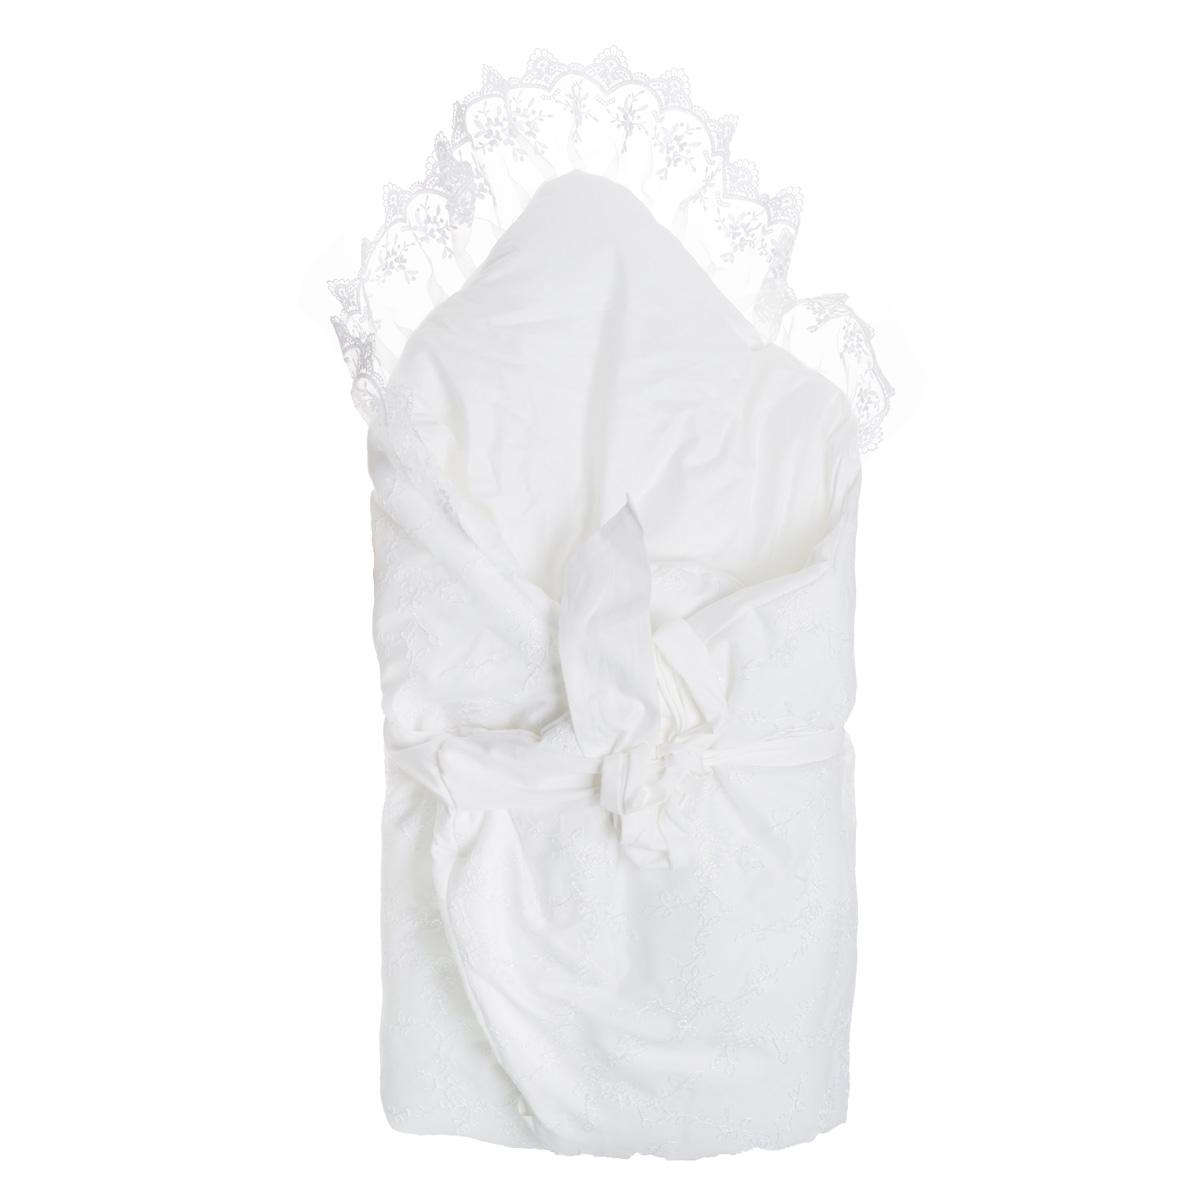 К12112Конверт-одеяло Baby Nice прекрасно подойдет для выписки новорожденного из роддома. В дальнейшем его можно использовать во время прогулок с малышом в коляске-люльке или в качестве удобного коврика для пеленания. Конверт-одеяло изготовлен из сатина - натурального хлопка на хлопковой подкладке (сатин). В качестве утеплителя используется файберпласт (200 г) - качественный, легкий и неприхотливый в эксплуатации нетканый материал, который великолепно удерживает тепло, дышит, является гипоаллергенным, прекрасно стирается, практически не слеживается, быстро сохнет и не впитывает неприятные запахи. Конверт-одеяло складывается и фиксируется лентой. Украшен конверт классическими атрибутами одежды для младенцев на выписку: сверху - легким изысканным кружевом, посередине - атласными лентами. Оригинальный конверт на выписку порадует взгляд родителей и прохожих.